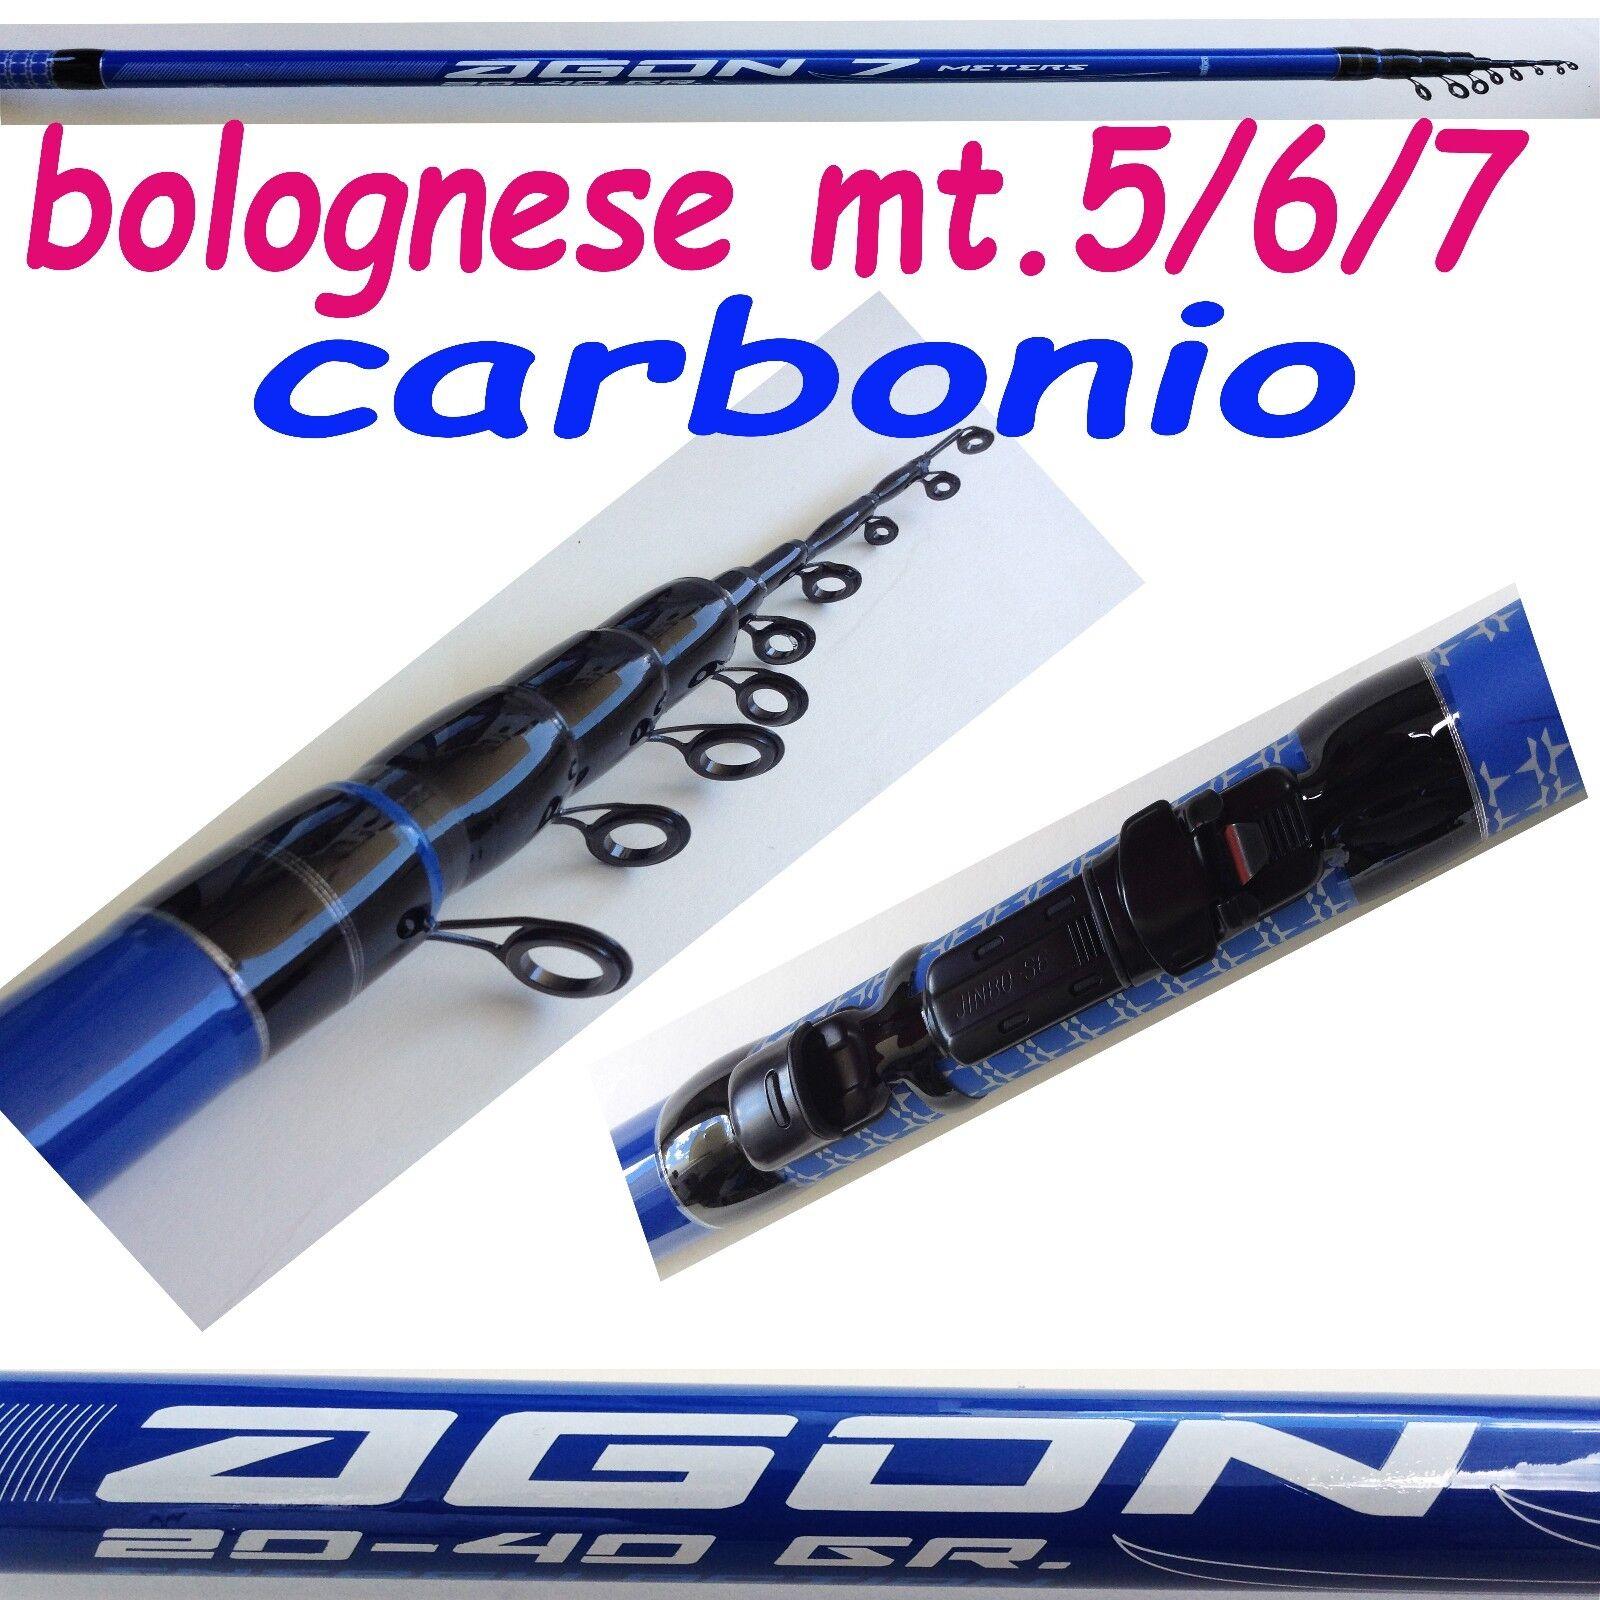 Canna da pesca bolognese in autobonio metri 567 gtuttieggiante mare lago fiume